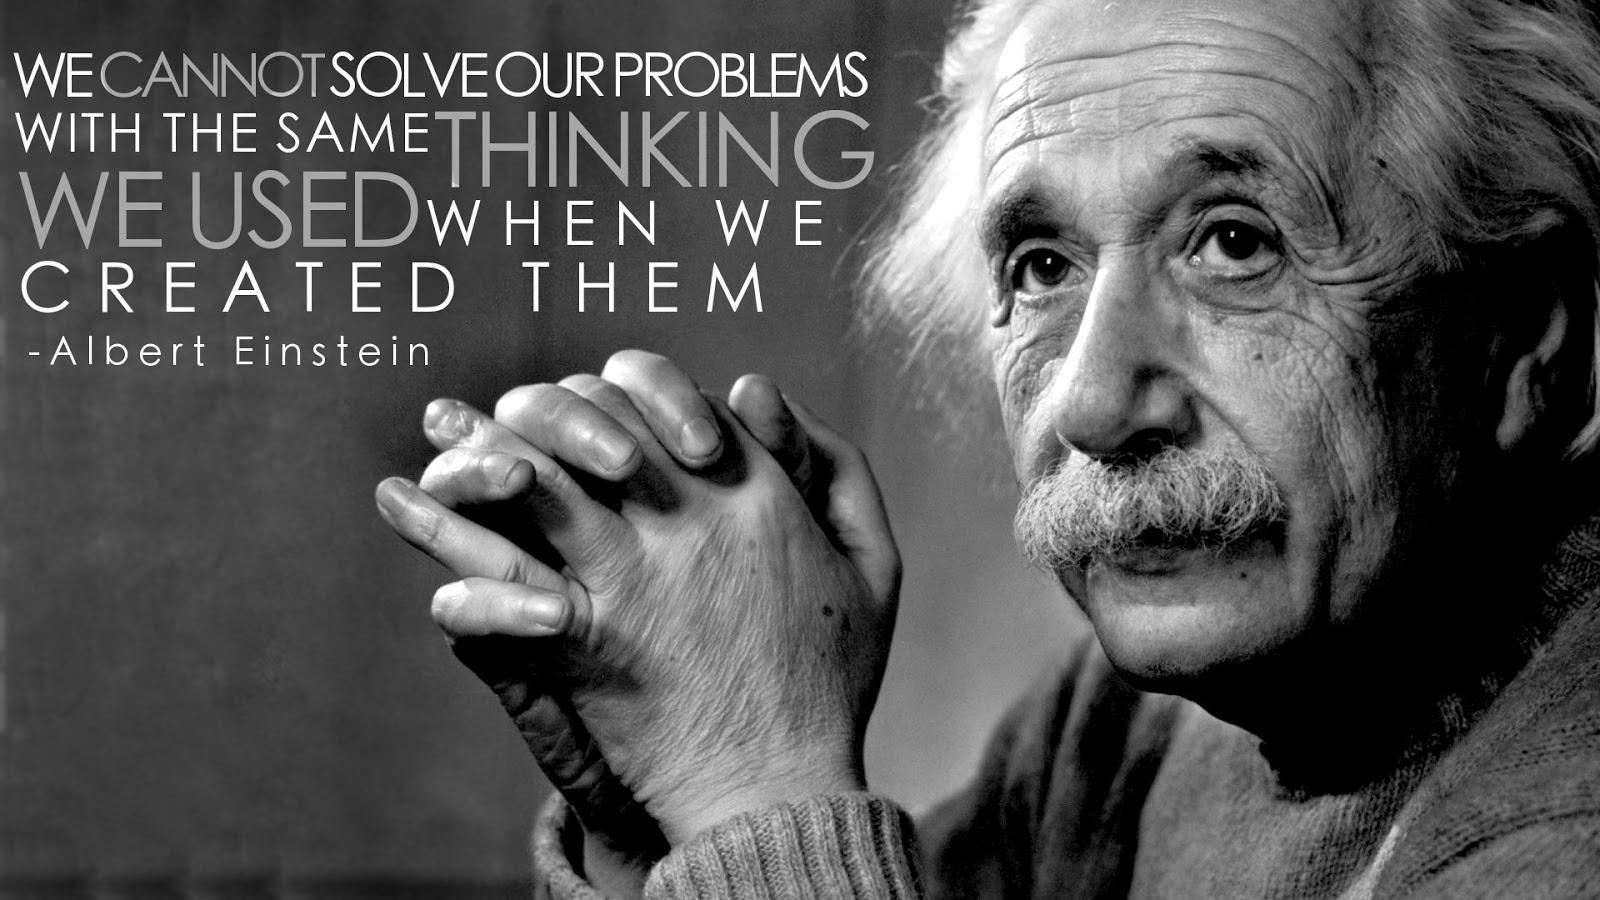 Einstein Quotes: Einstein In '29: Standardize Cars, Not Humans